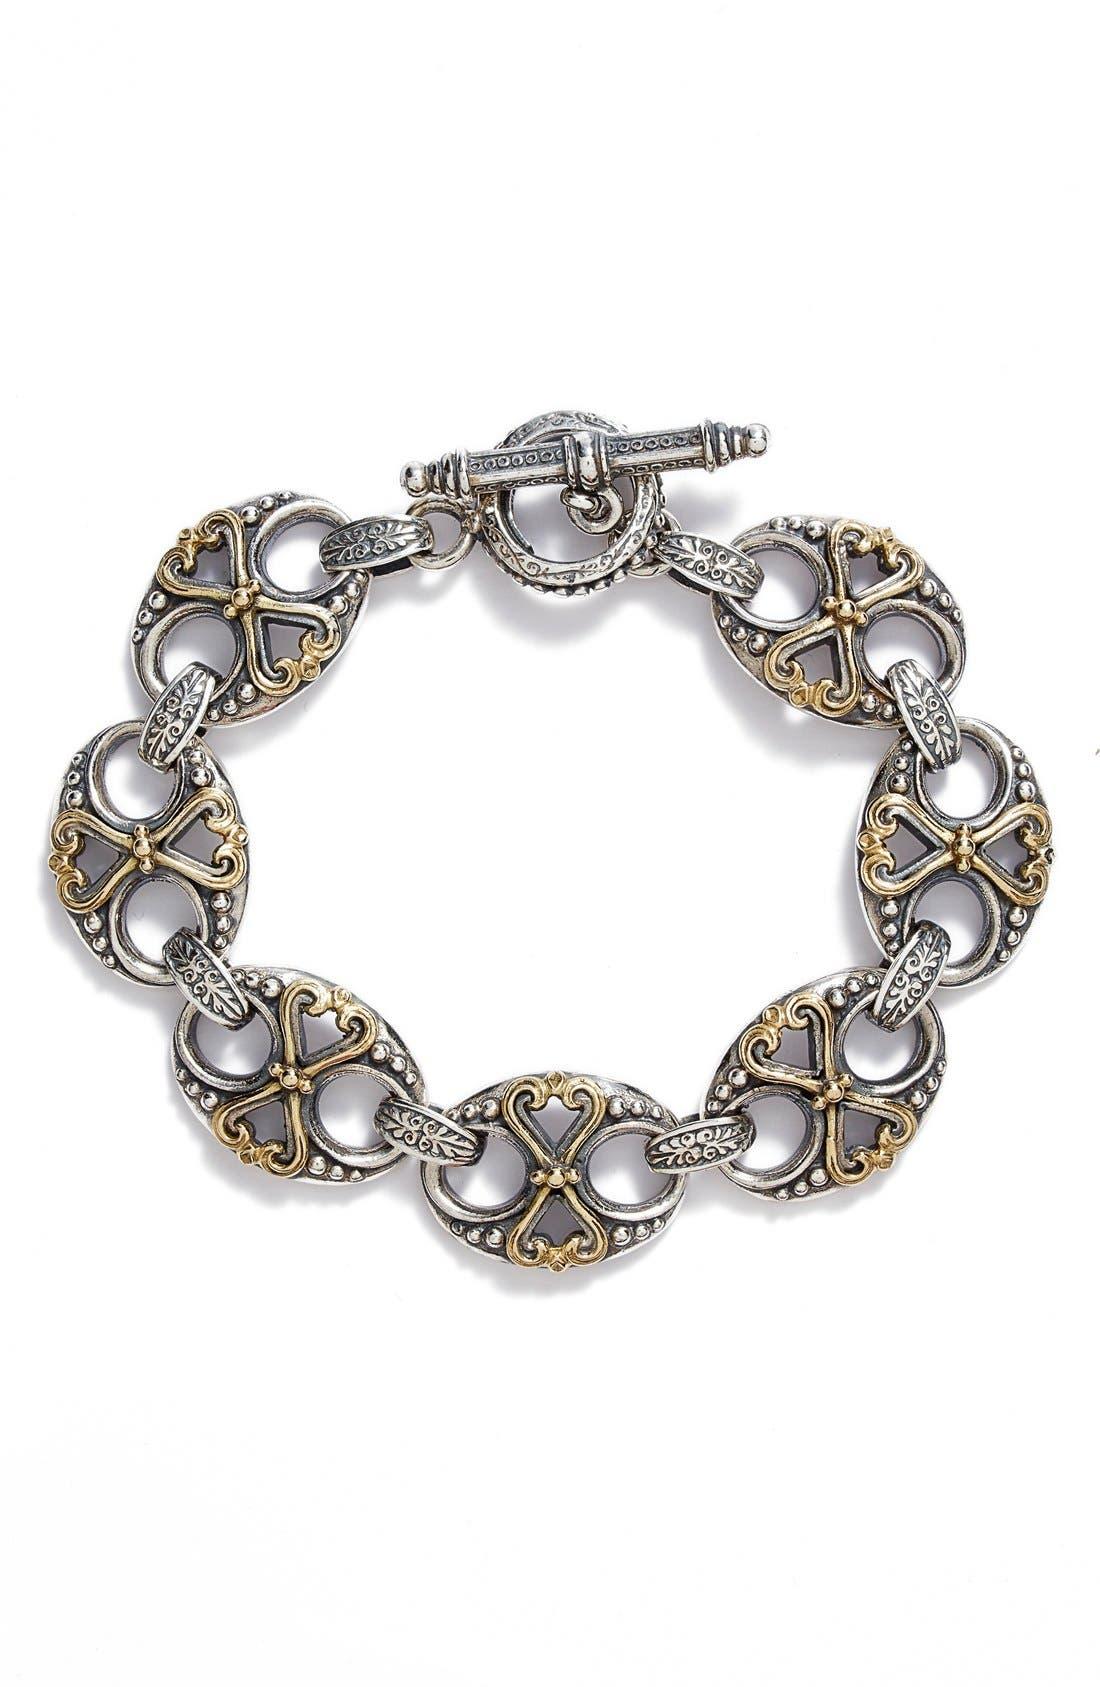 KONSTANTINO 'Hebe' Link Toggle Bracelet